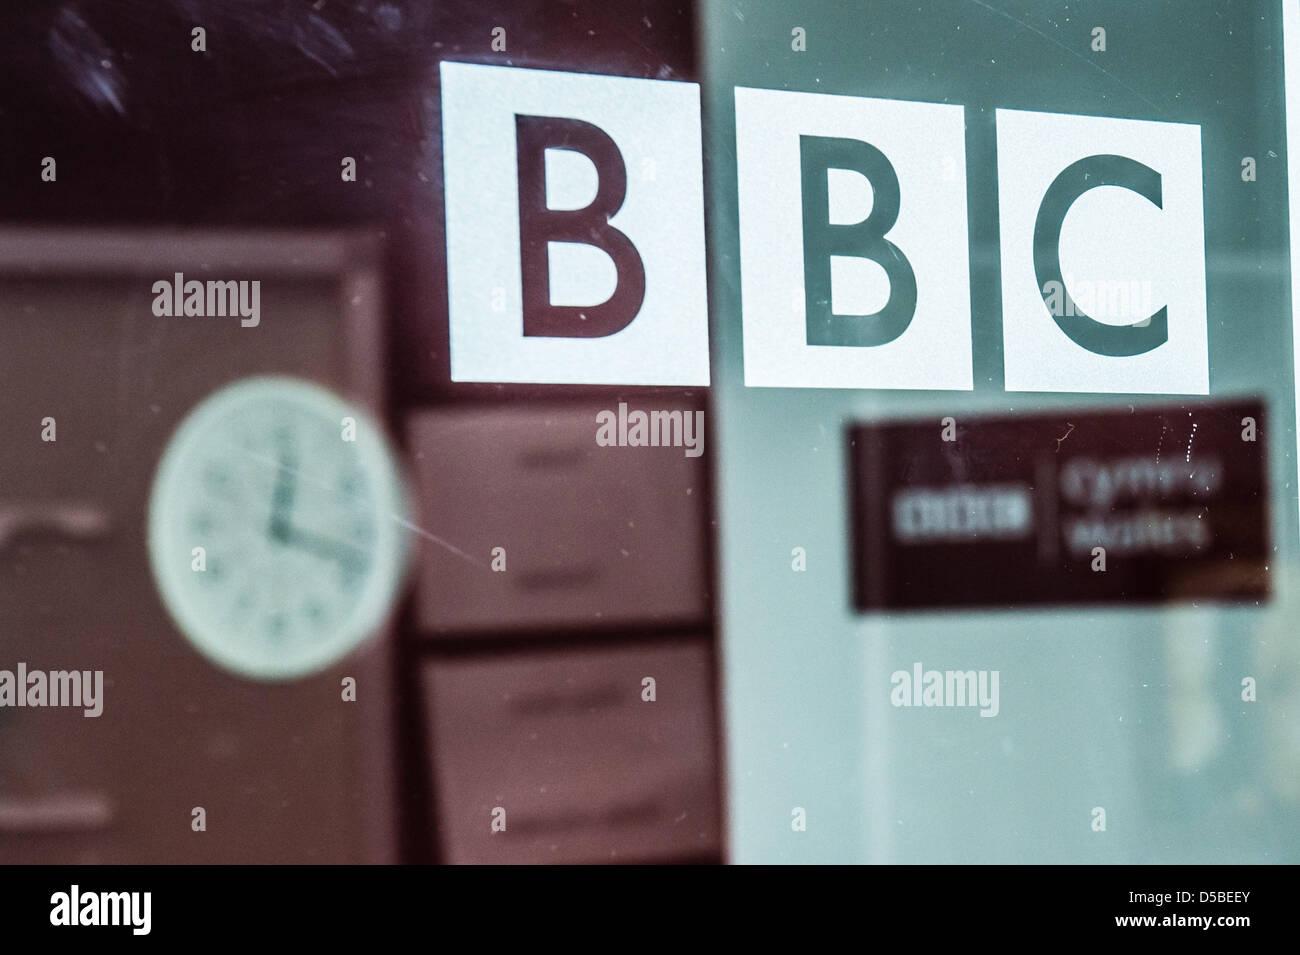 Aberystwyth, Ceredigion, Wales, UK. 28th March 2013.   The studios of BBC Radio Wales and Radio Cymru in Aberystwyth - Stock Image